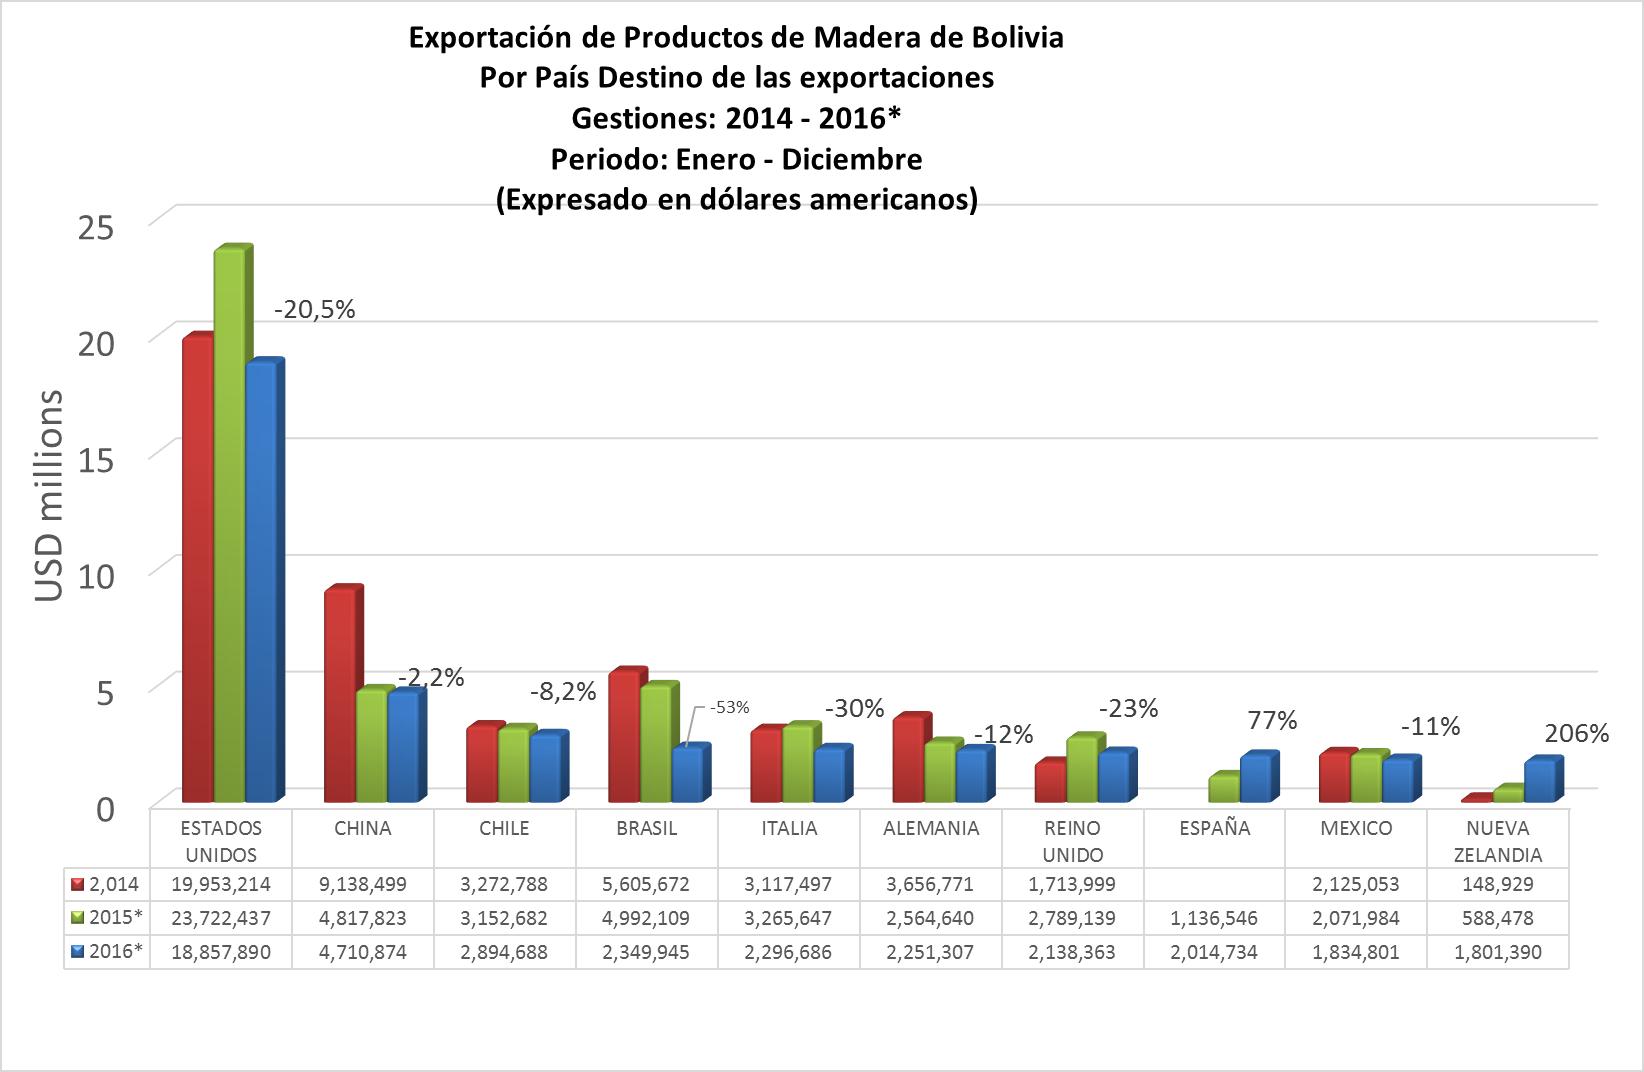 Exportación de productos de madera de Bolivia por Pais destino de las exportaciones a diciembre 2016